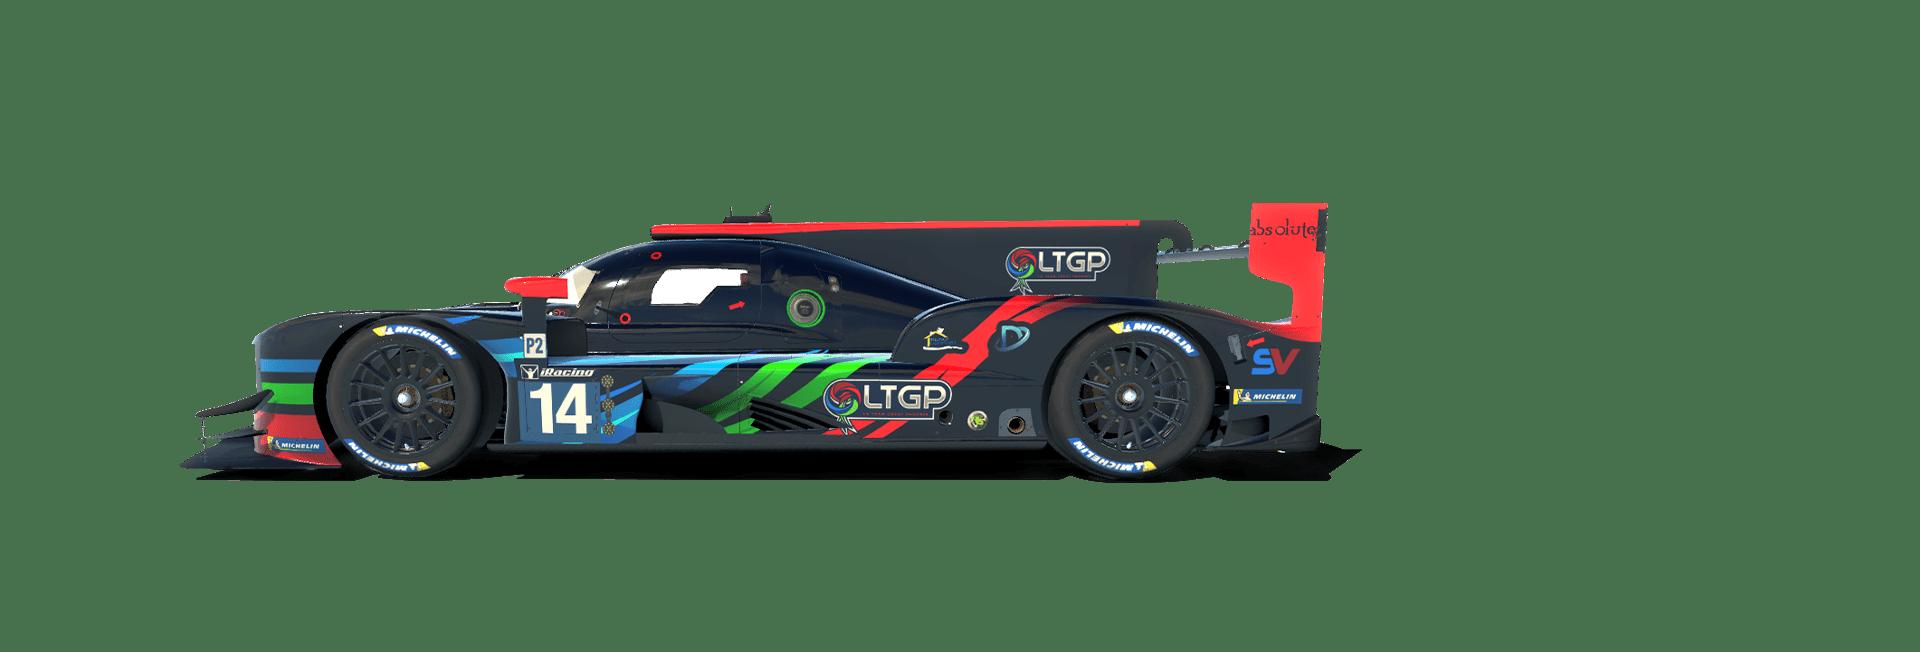 LTGP eSports LMP2